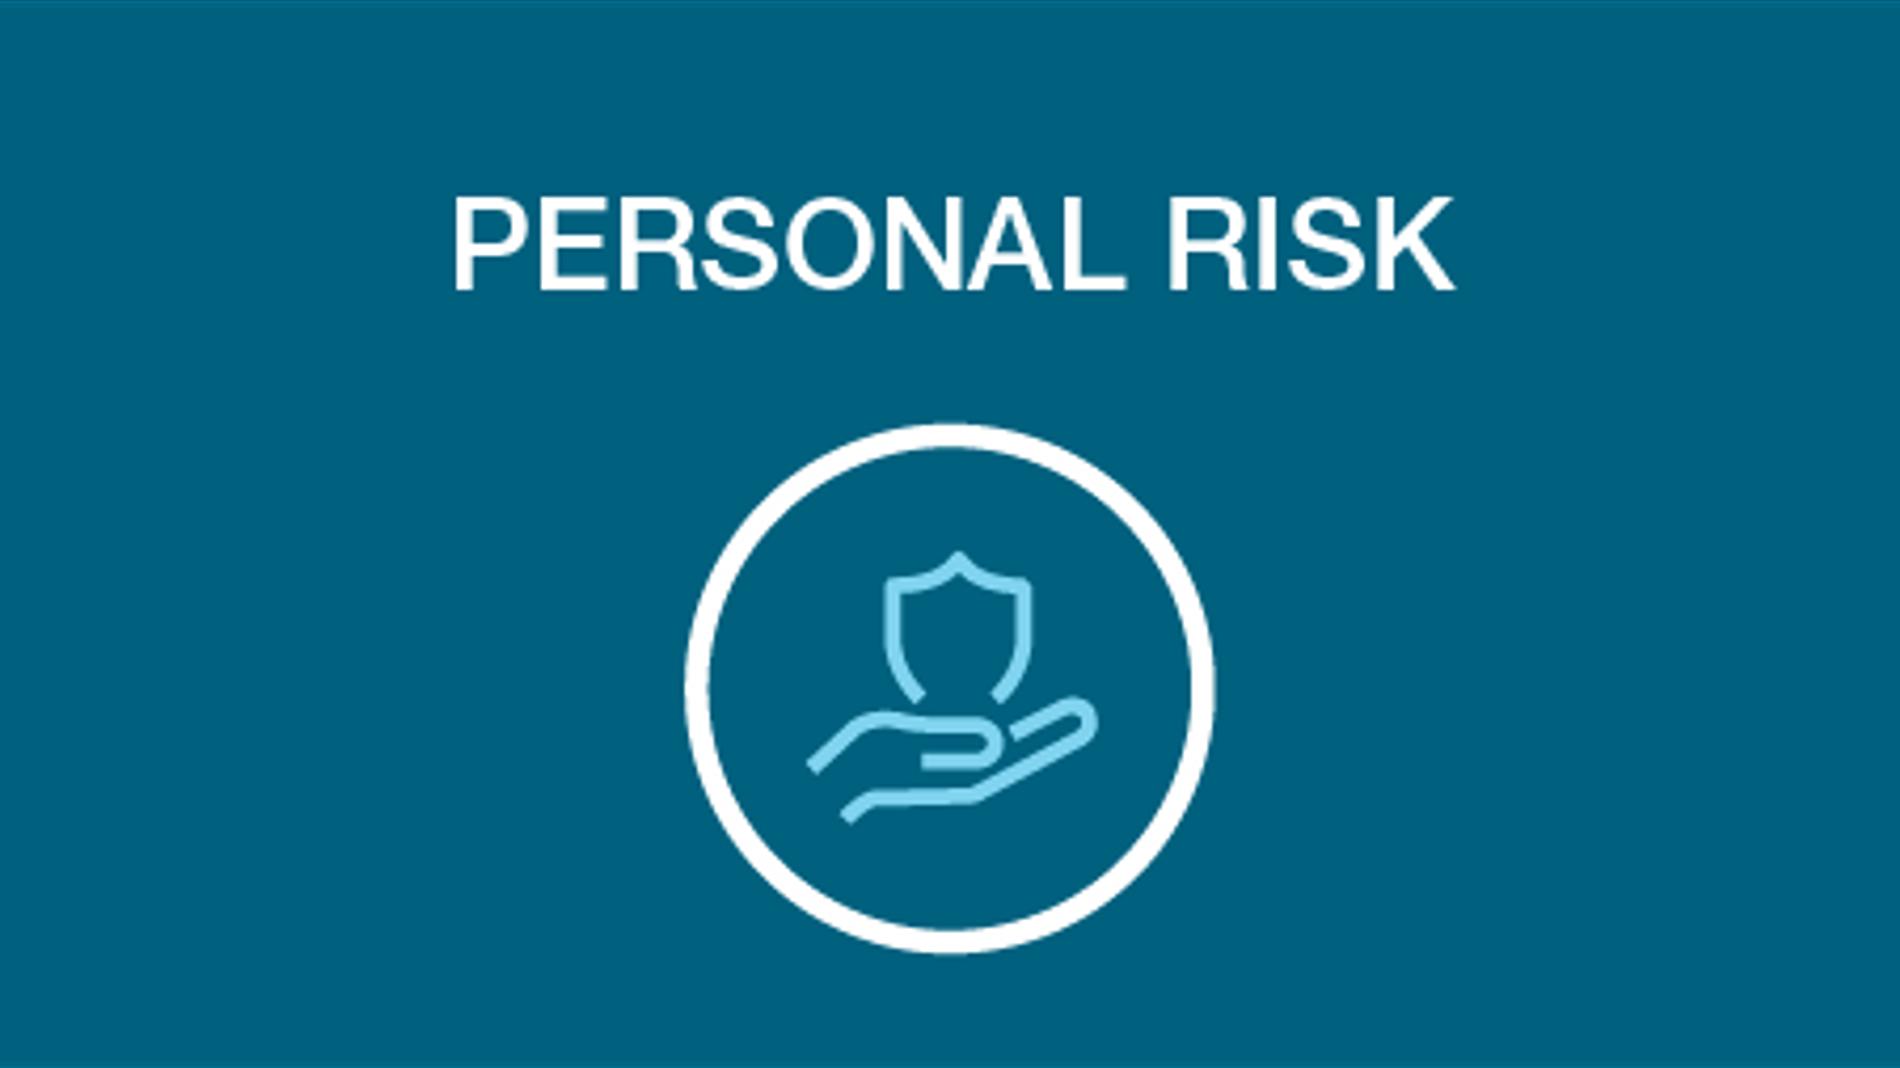 personal risk icon